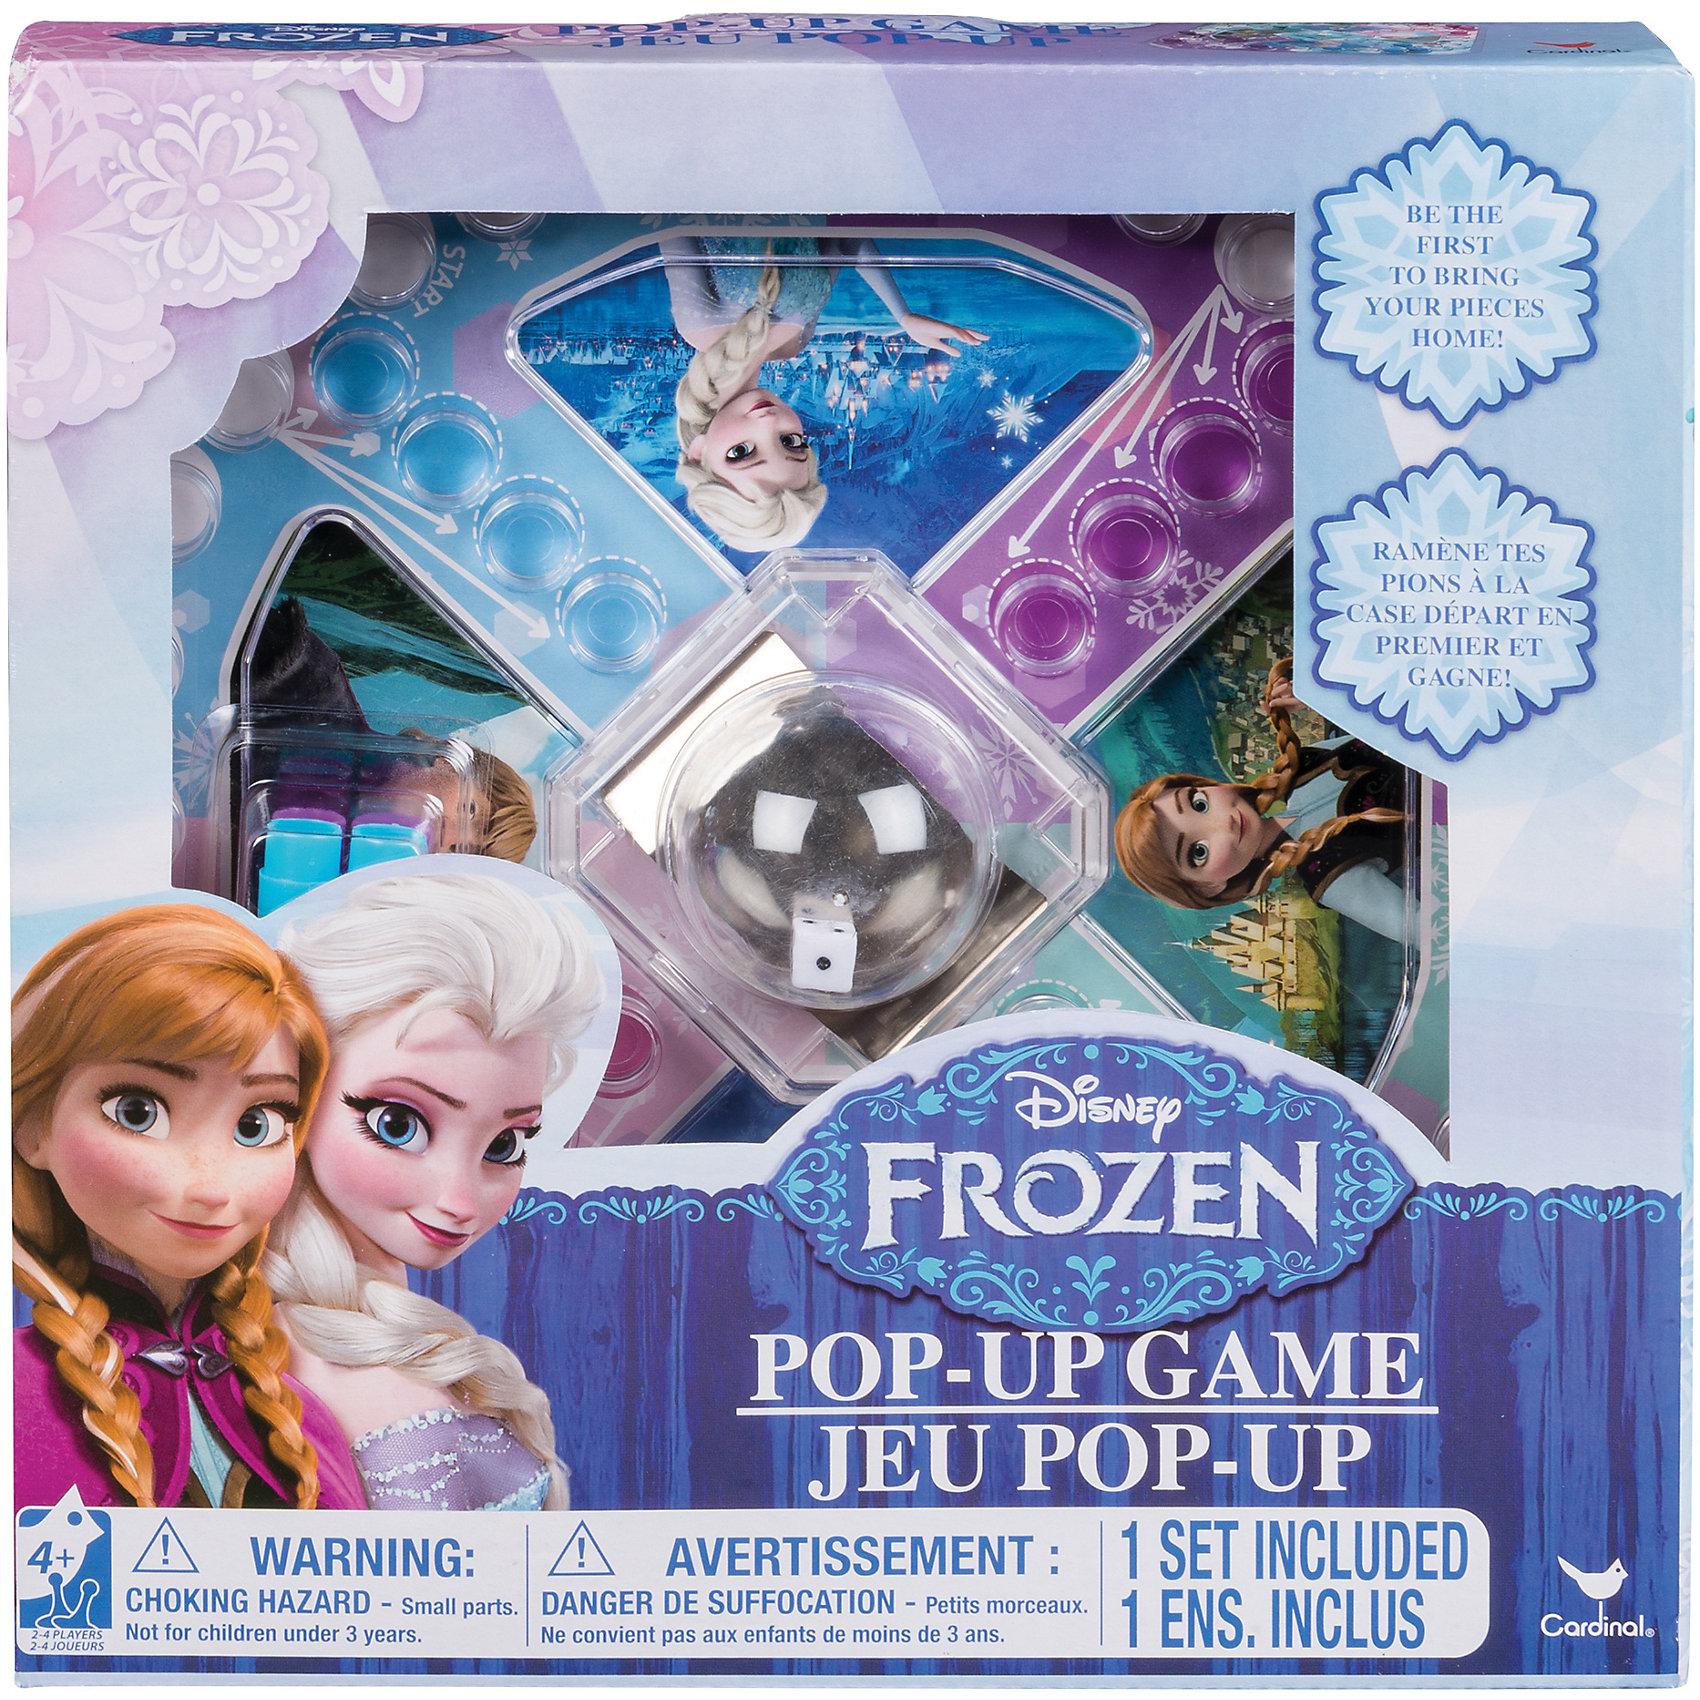 Настольная игра с кубиком и фишками Холодное Сердце, Spin MasterНастольные игры ходилки<br>Характеристики товара:<br><br>• возраст: от 4 лет;<br>• материал: пластик, картон;<br>• в комплекте: игровое поле, кубик, фишки;<br>• количество игроков: 2-4 человека;<br>• размер упаковки: 20х20х4 см;<br>• вес упаковки: 160 гр.;<br>• страна производитель: Китай.<br><br>Настольная игра «Холодное сердце» Spin Master создана по мотивам известного мультфильма «Холодное сердце». На игровом поле нарисованы любимые герои мультфильма — сестры Анна и Эльза, Кристоф и снеговичок Олаф. Игровое поле разбито на несколько зон разного цвета. Цель каждого игрока — быстрее всех провести фишки своего цвета по игровому полю. <br><br>Настольную игру «Холодное сердце» Spin Master можно приобрести в нашем интернет-магазине.<br><br>Ширина мм: 40<br>Глубина мм: 50<br>Высота мм: 200<br>Вес г: 186<br>Возраст от месяцев: 48<br>Возраст до месяцев: 2147483647<br>Пол: Женский<br>Возраст: Детский<br>SKU: 6873818